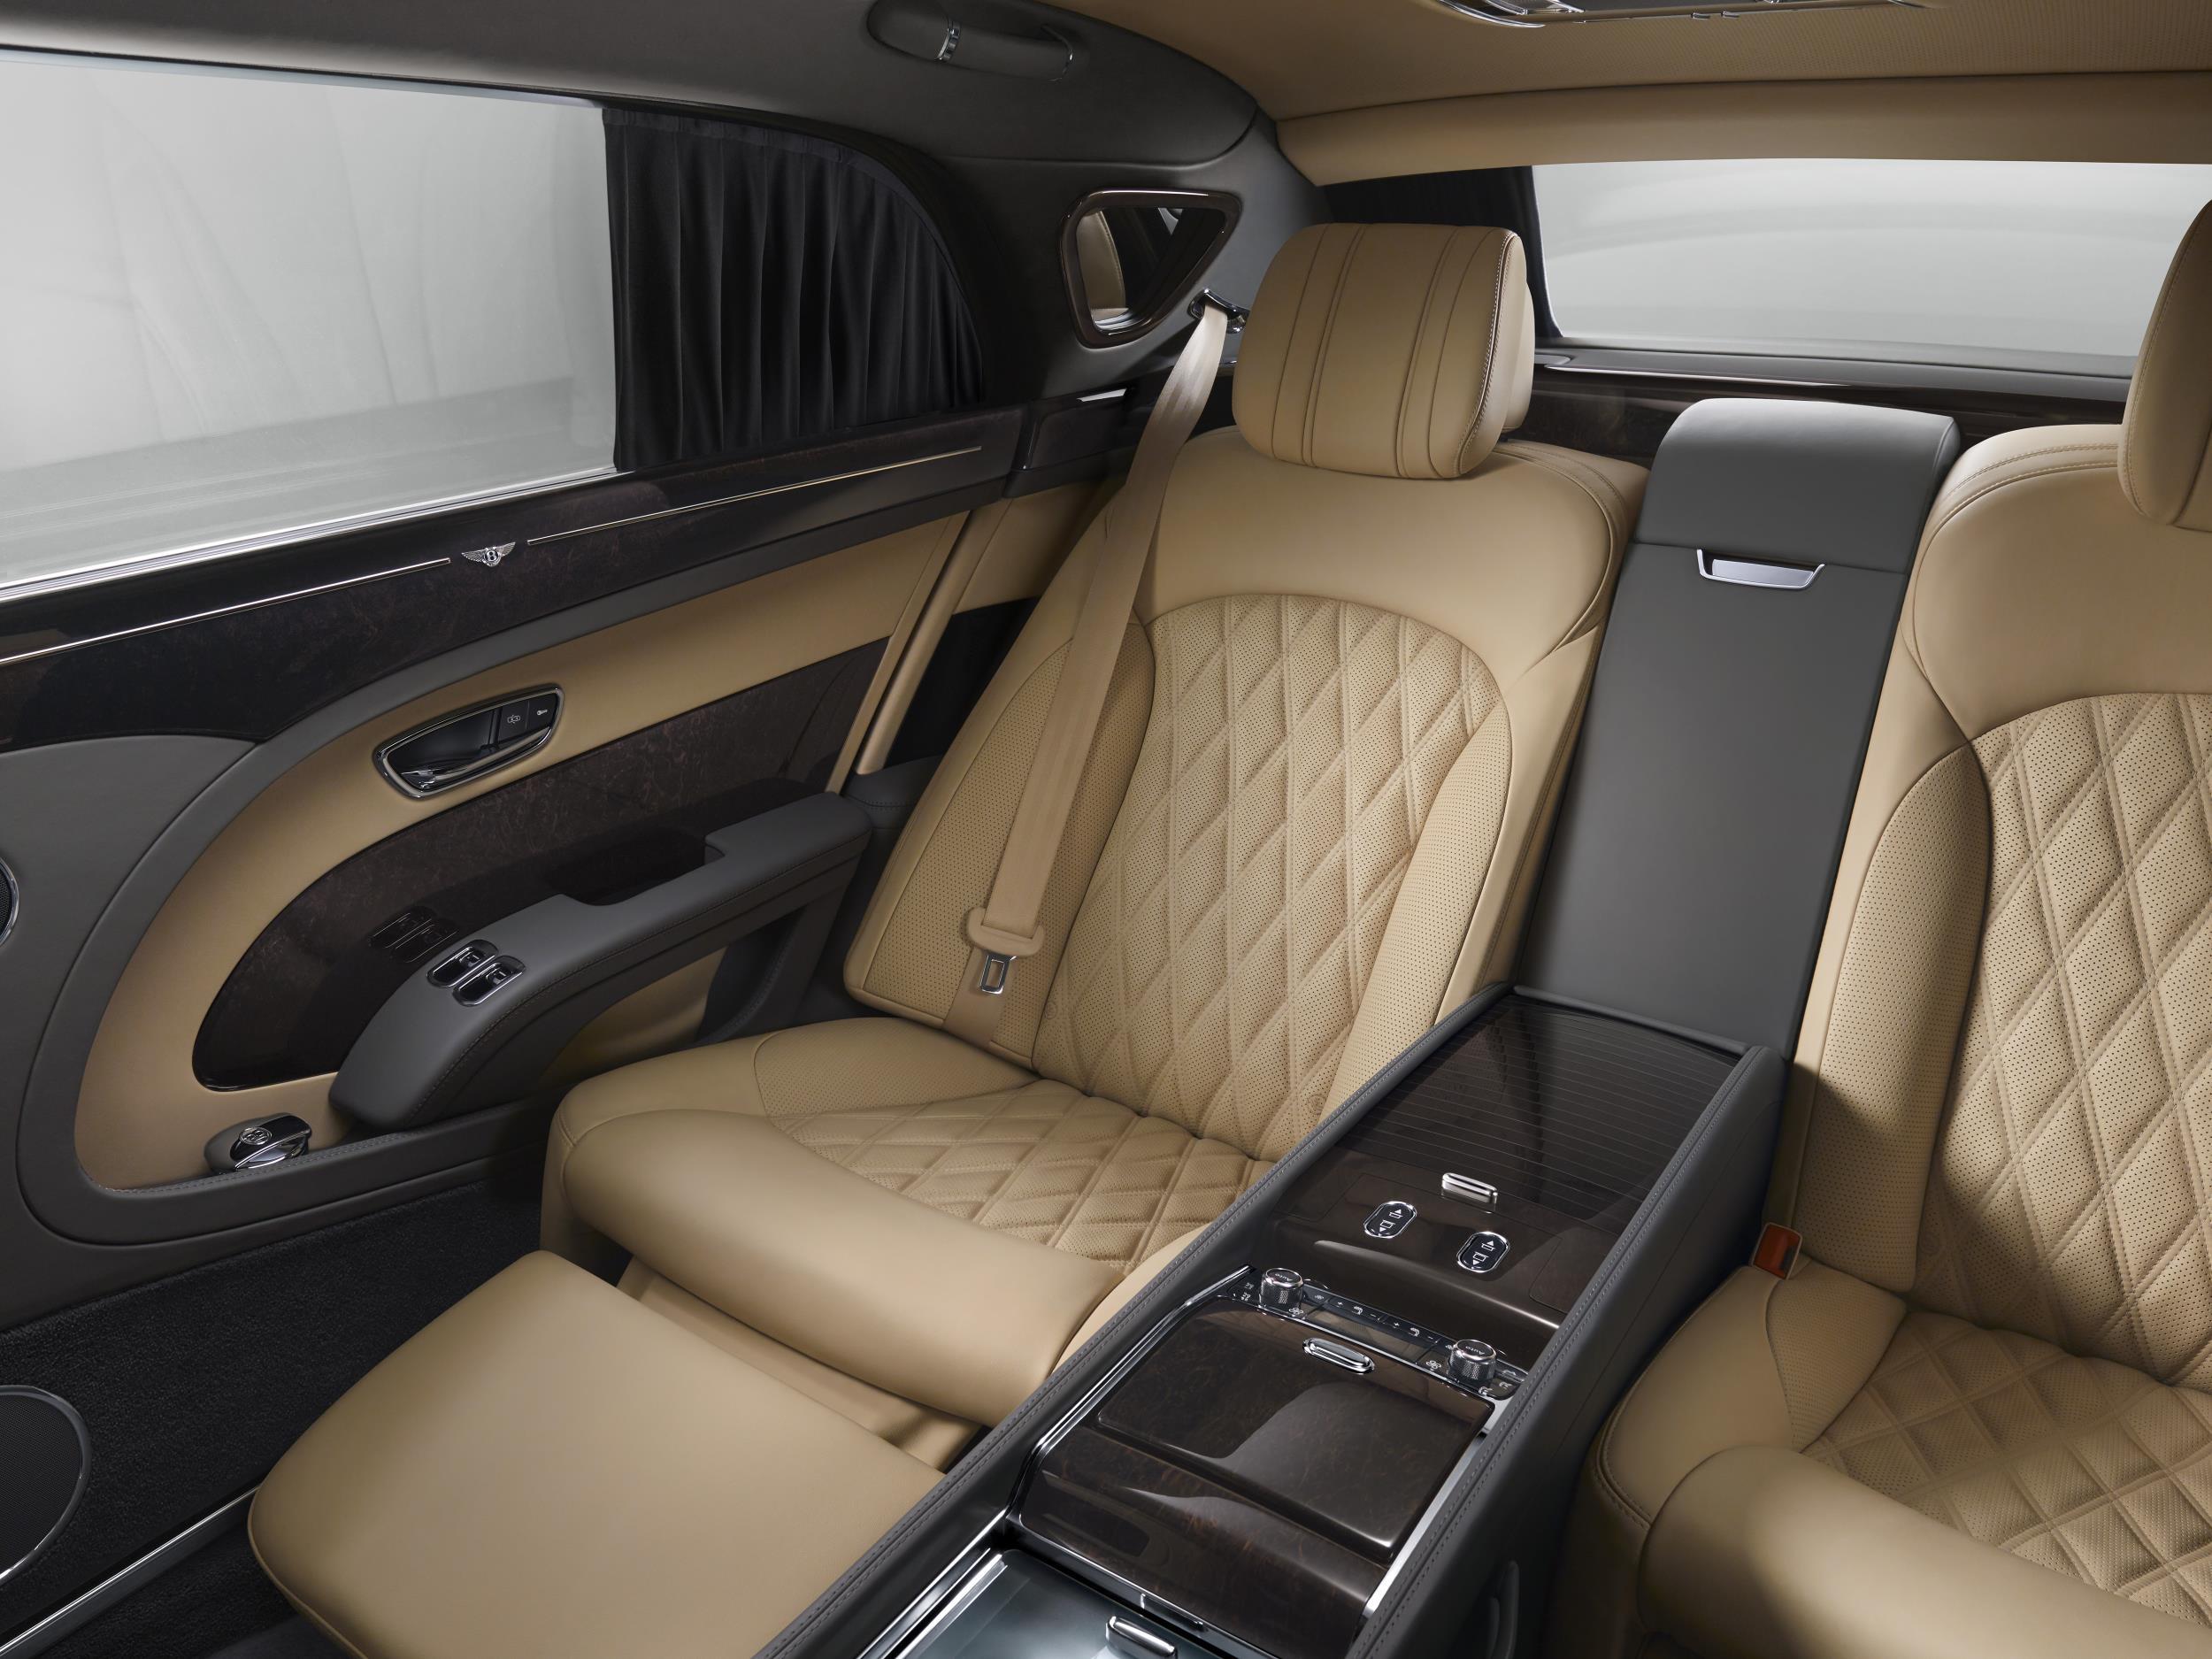 Bentley At The 2016 Beijing Auto Show